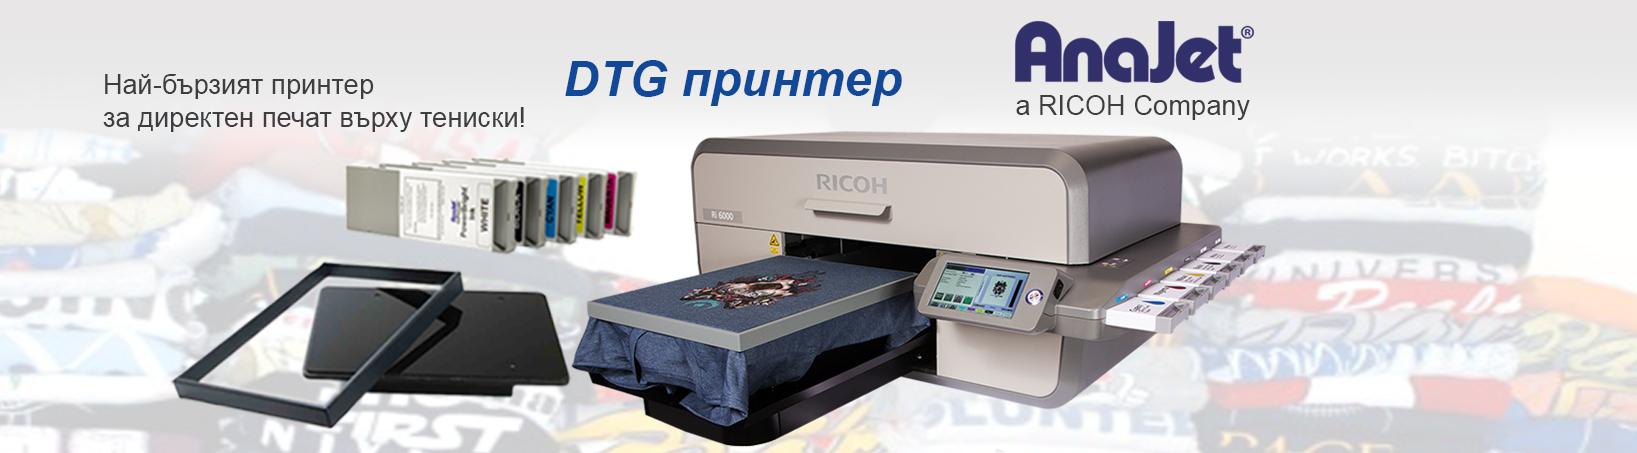 DTG принтер! Най-бързият принтер за директен печат върху тениски